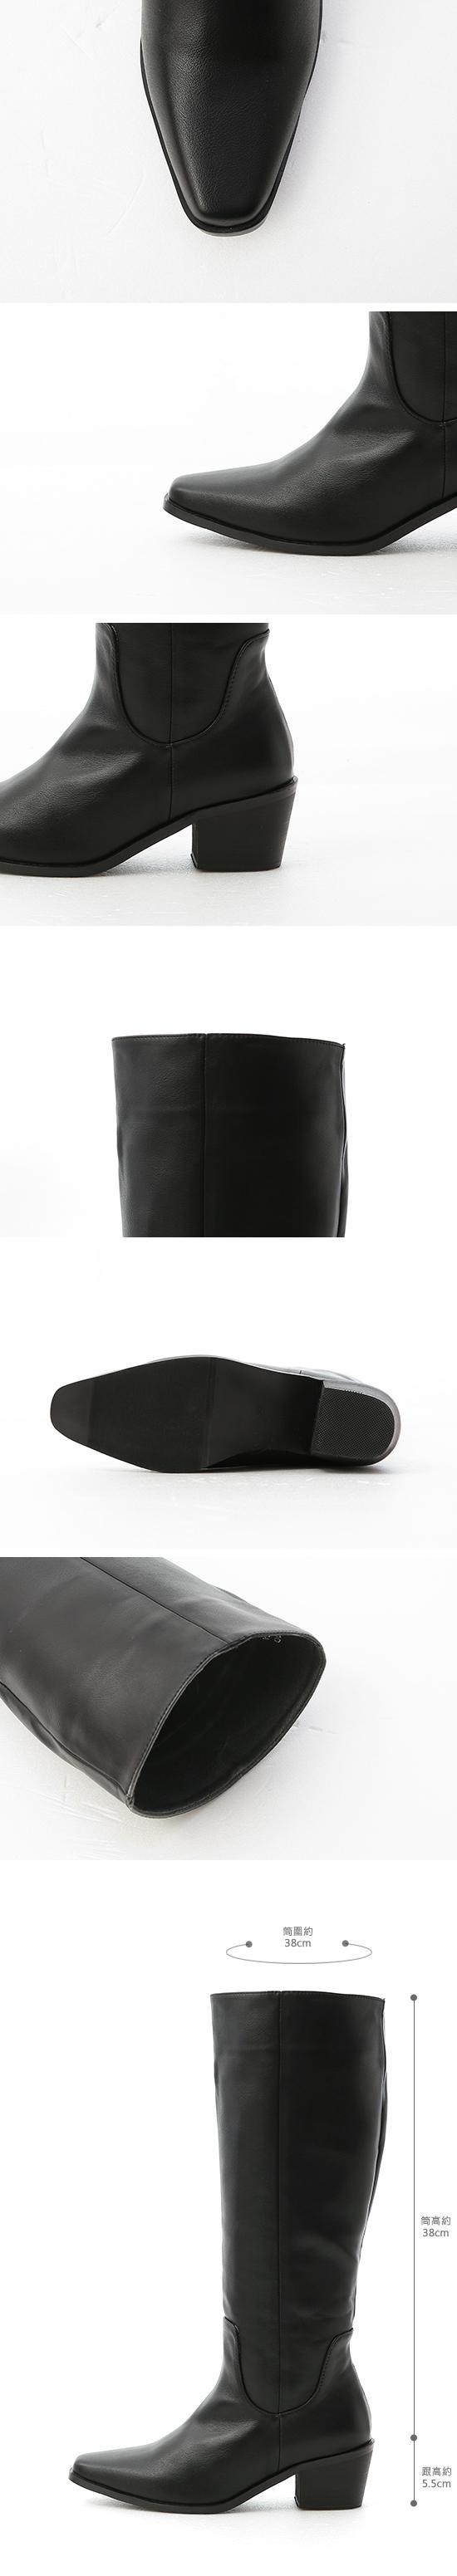 ポインテッドトゥロングブーツ ブラック